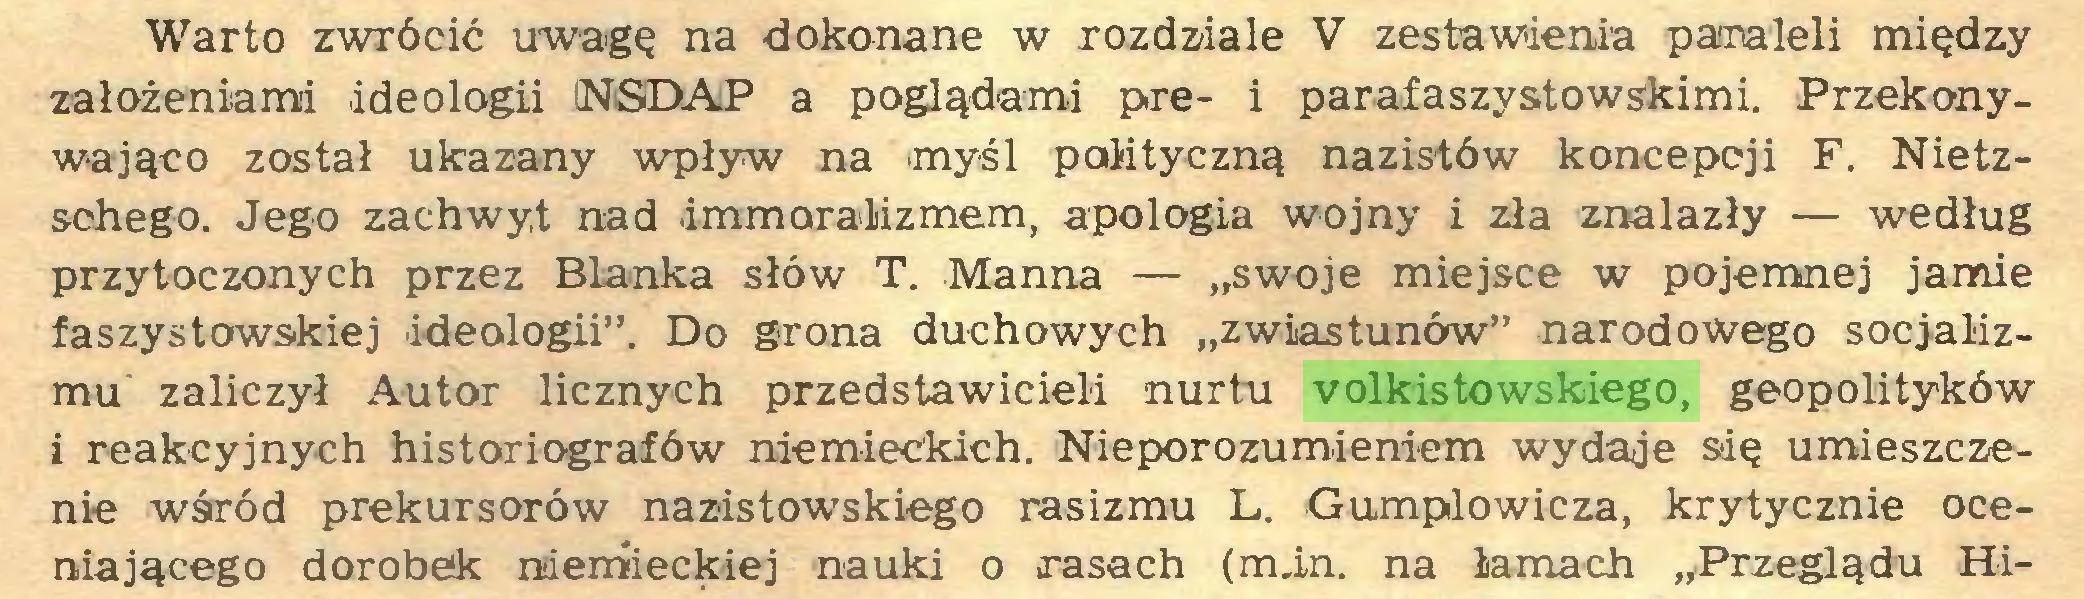 """(...) Warto zwrócić uwagę na dokonane w rozdziale V zestawienia paraleli między założeniami ideologii NSDAP a poglądami pre- i parafaszystowskimi. Przekonywająco został ukazany wpływ na myśl polityczną nazistów koncepcji F. Nietzschego. Jego zachwyt nad immoralizmem, apologia wojny i zła znalazły — według przytoczonych przez Blanka słów T. Manna — """"swoje miejsce w pojemnej jamie faszystowskiej ideologii"""". Do grona duchowych """"zwiastunów"""" narodowego socjalizmu zaliczył Autor licznych przedstawicieli nurtu volkistowskiego, geopolityków i reakcyjnych historiografów niemieckich. Nieporozumieniem wydaje się umieszczenie wśród prekursorów nazistowskiego rasizmu L. Gumplowicza, krytycznie oceniającego dorobek niemieckiej nauki o rasach (min. na łamach """"Przeglądu Hi..."""